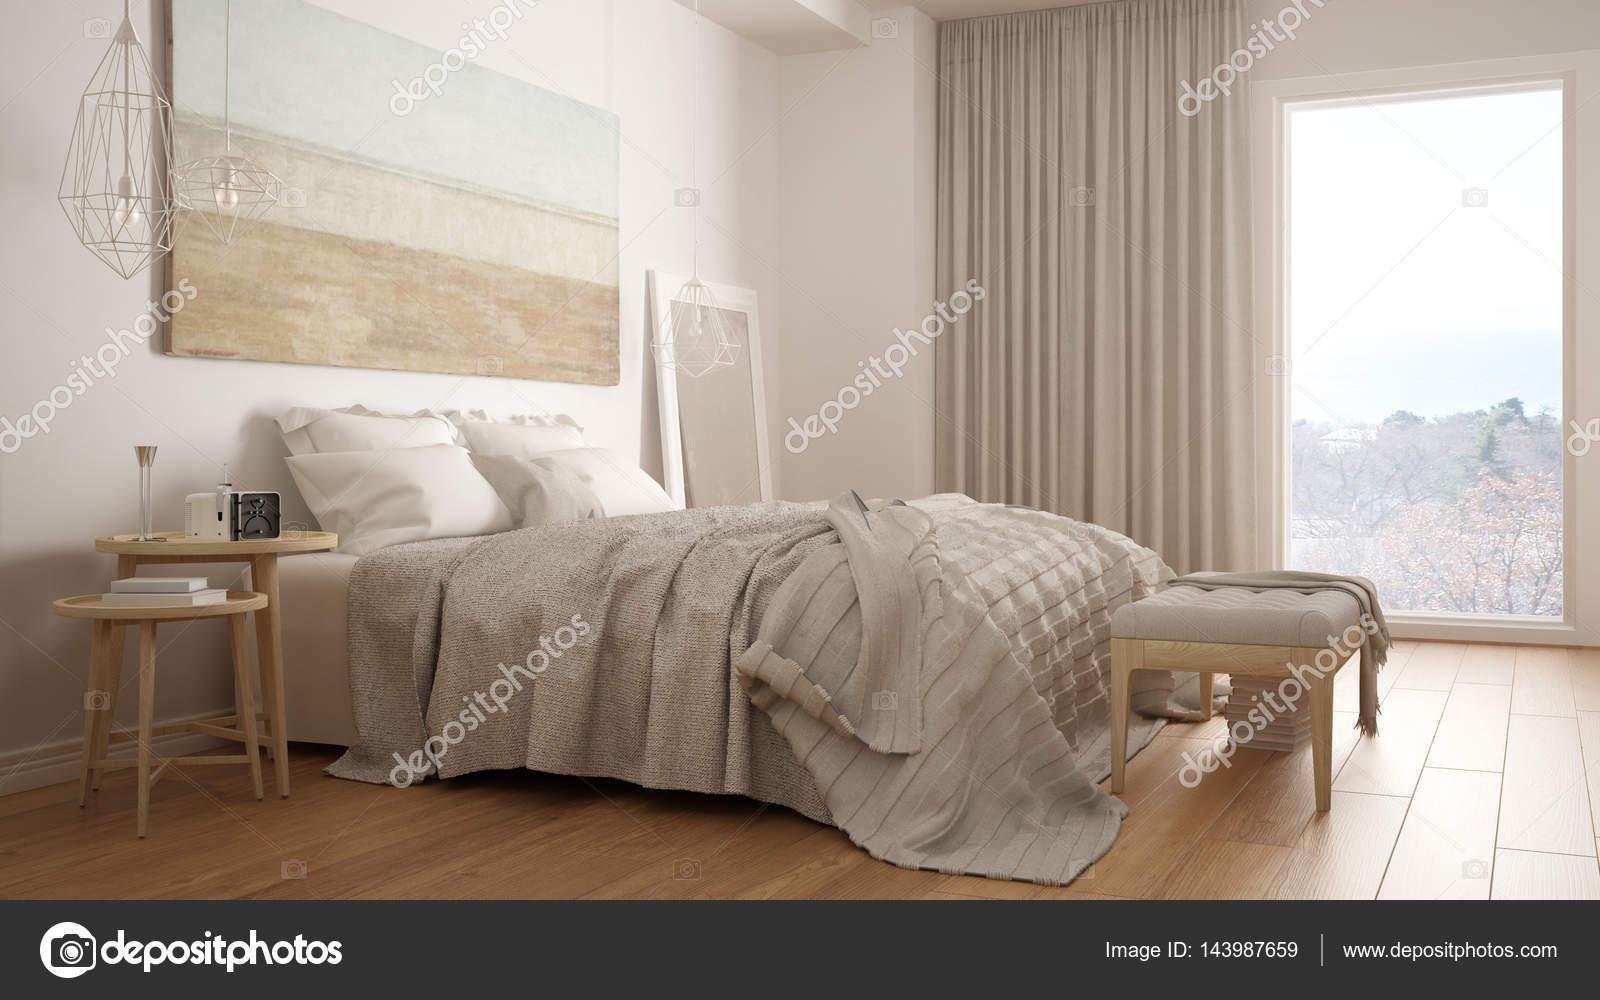 Camere Da Letto Design Minimalista : Camera da letto classica stile moderno scandinavo minimalista